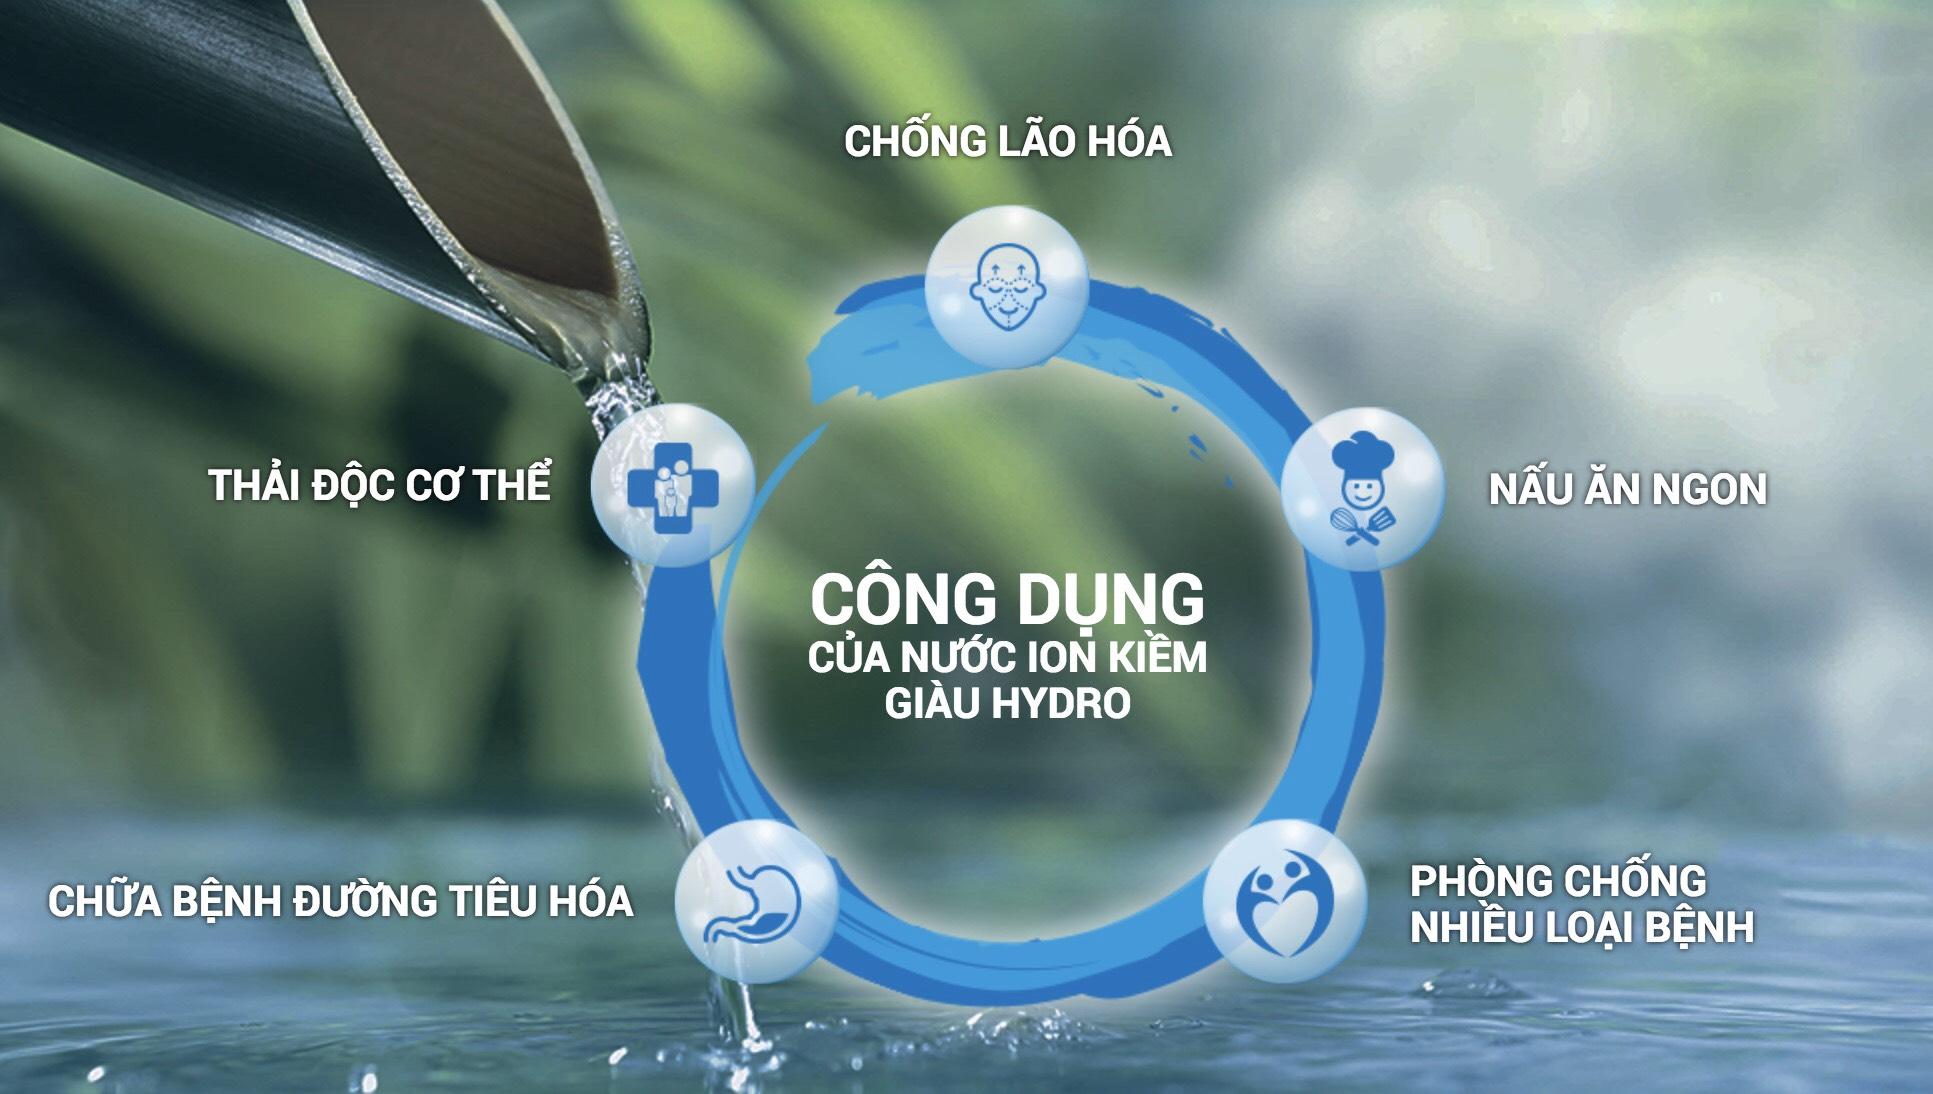 Tác dụng của máy lọc nước điện giải